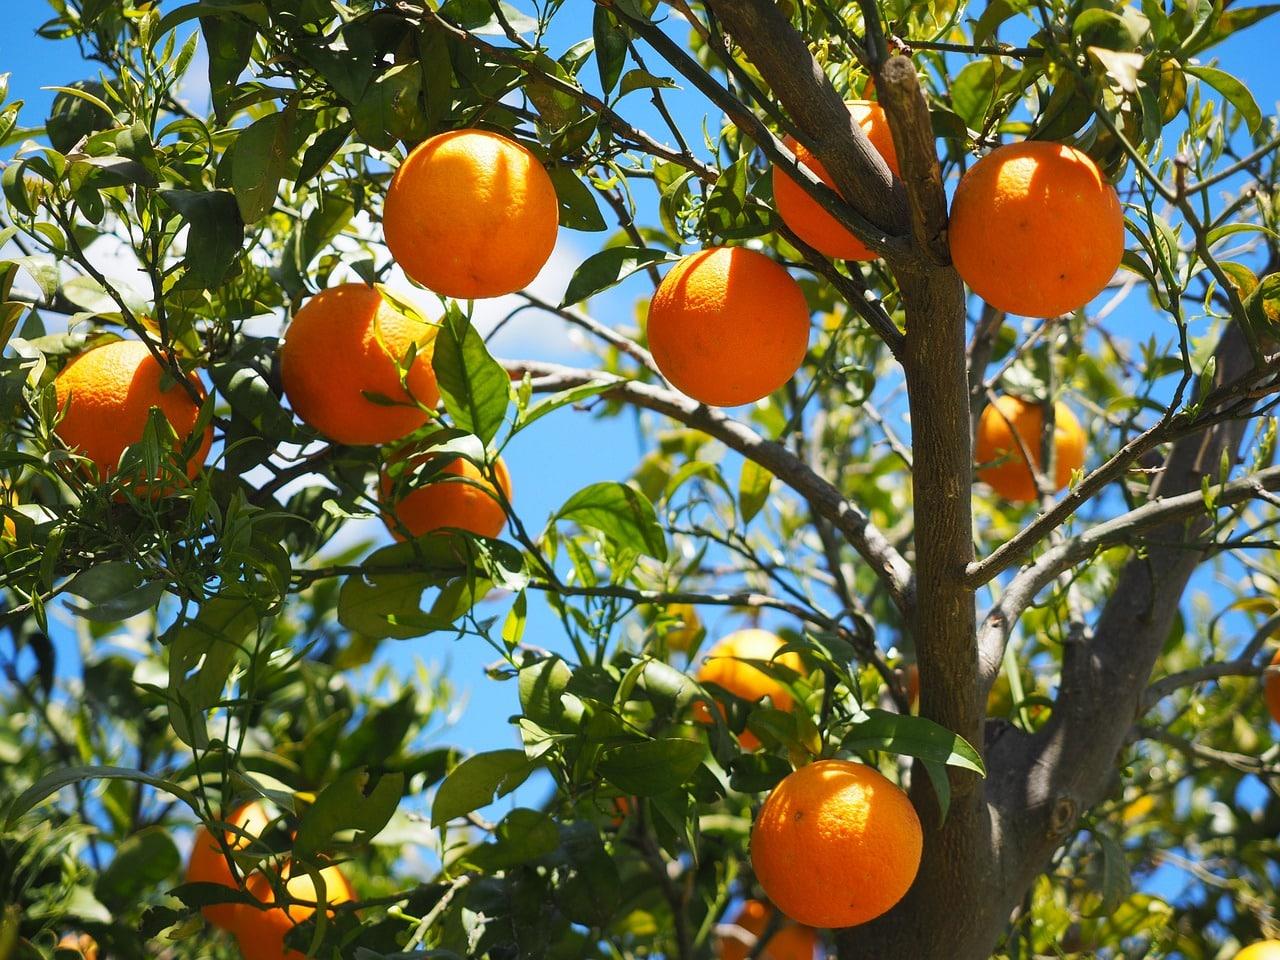 Comment Planter Un Arbre Fruitier arbres fruitiers pour petits jardins de ville : lesquels